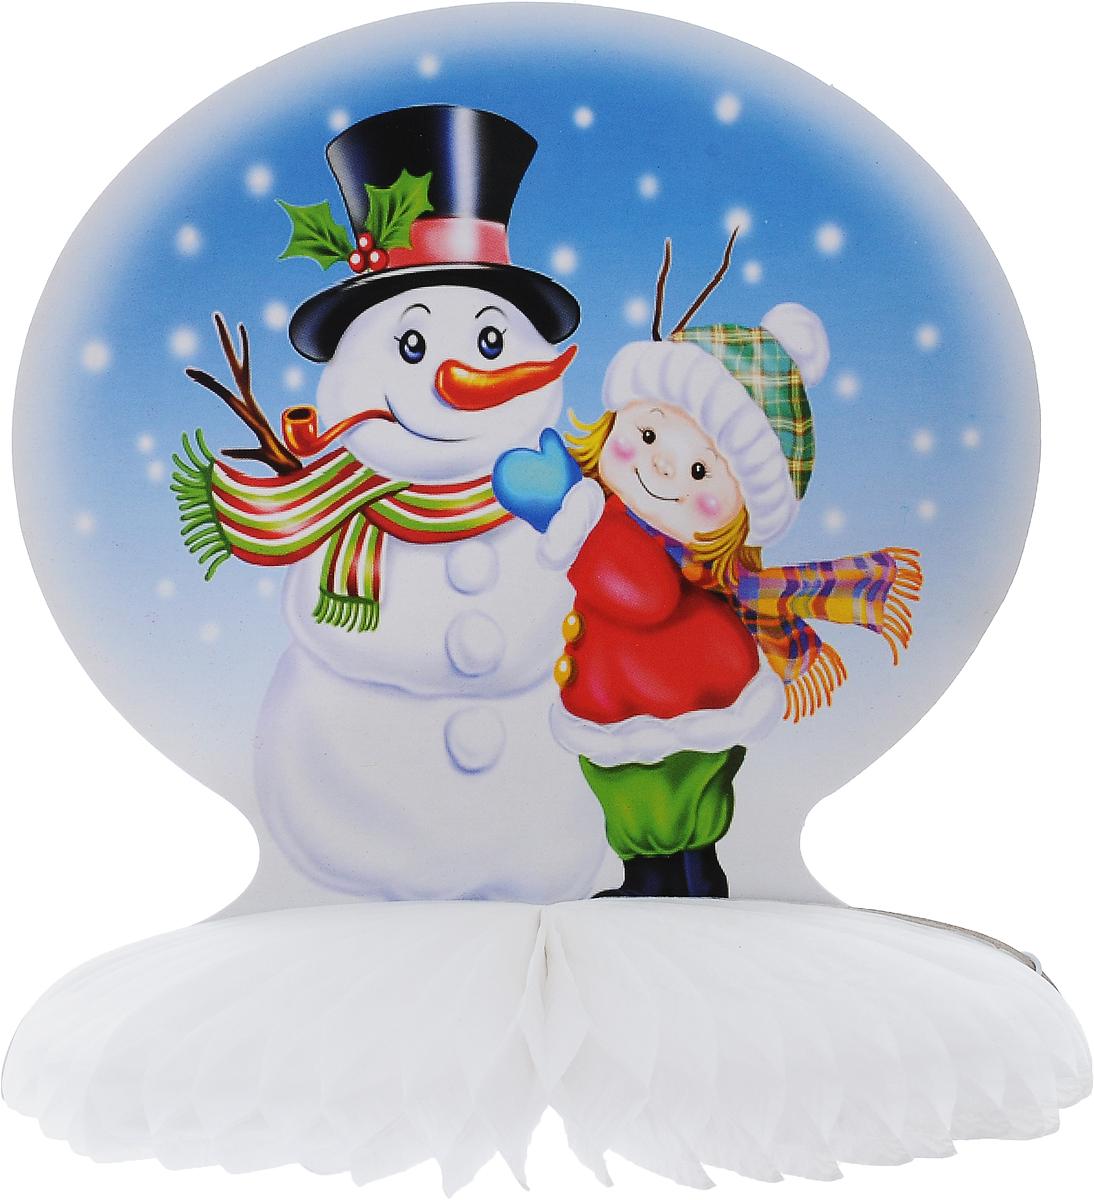 Украшение новогоднее подвесное Winter Wings Зима, 19,5 х 21 смN09343Оригинальное новогоднее украшение Winter Wings Зима выполнено из прочной бумаги. Украшение можно подвесить в любом понравившемся вам месте.Новогодние украшения приносят в дом волшебство и ощущение праздника. Создайте в своем доме атмосферу веселья и радости, украшая его всей семьей.Размер: 19,5 х 21 см.